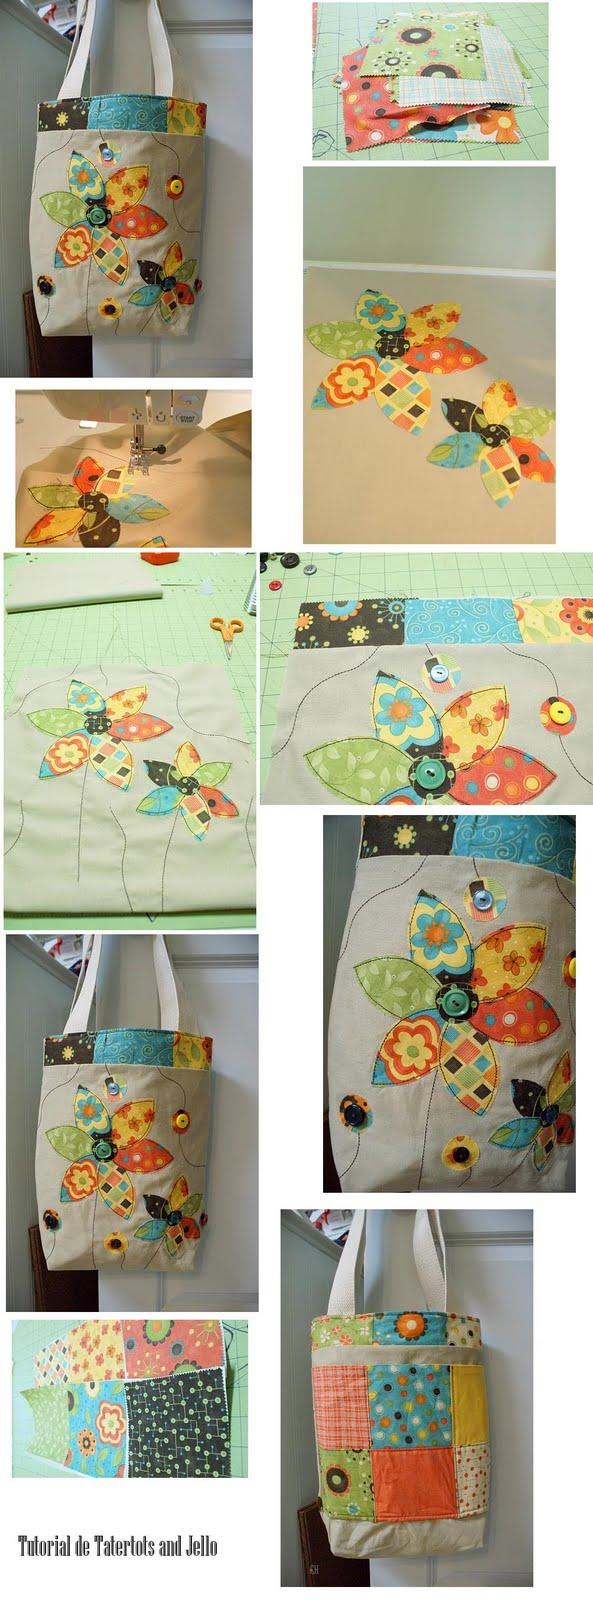 bolsas, bolsos, apliques, costura, labores, como hacer bolsas con apliques